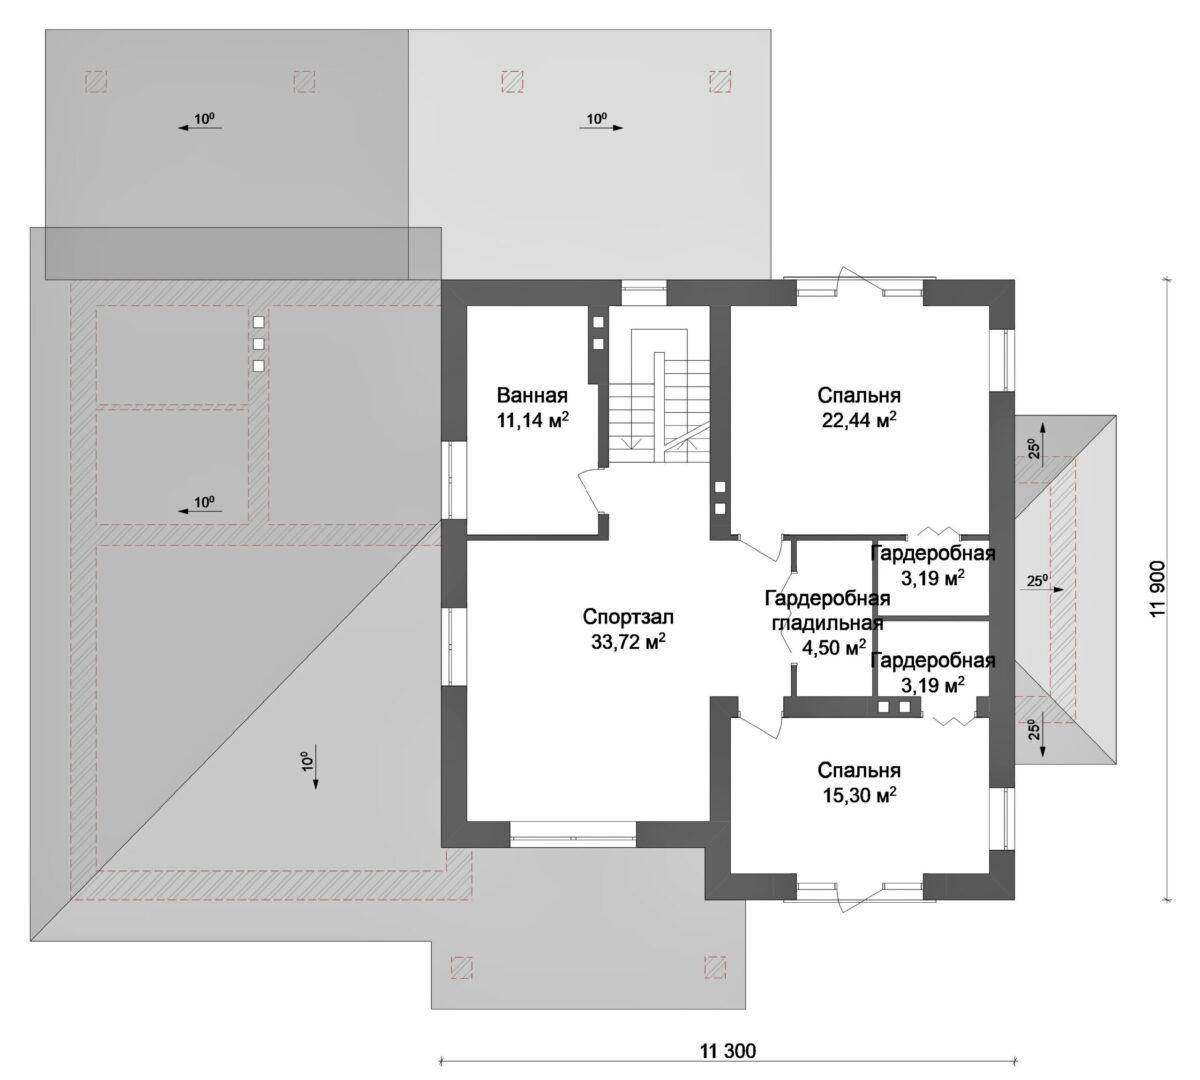 Грот F-010 с видеообзором. Проект большого коттеджа с улучшенной планировкой, на 3 спальни